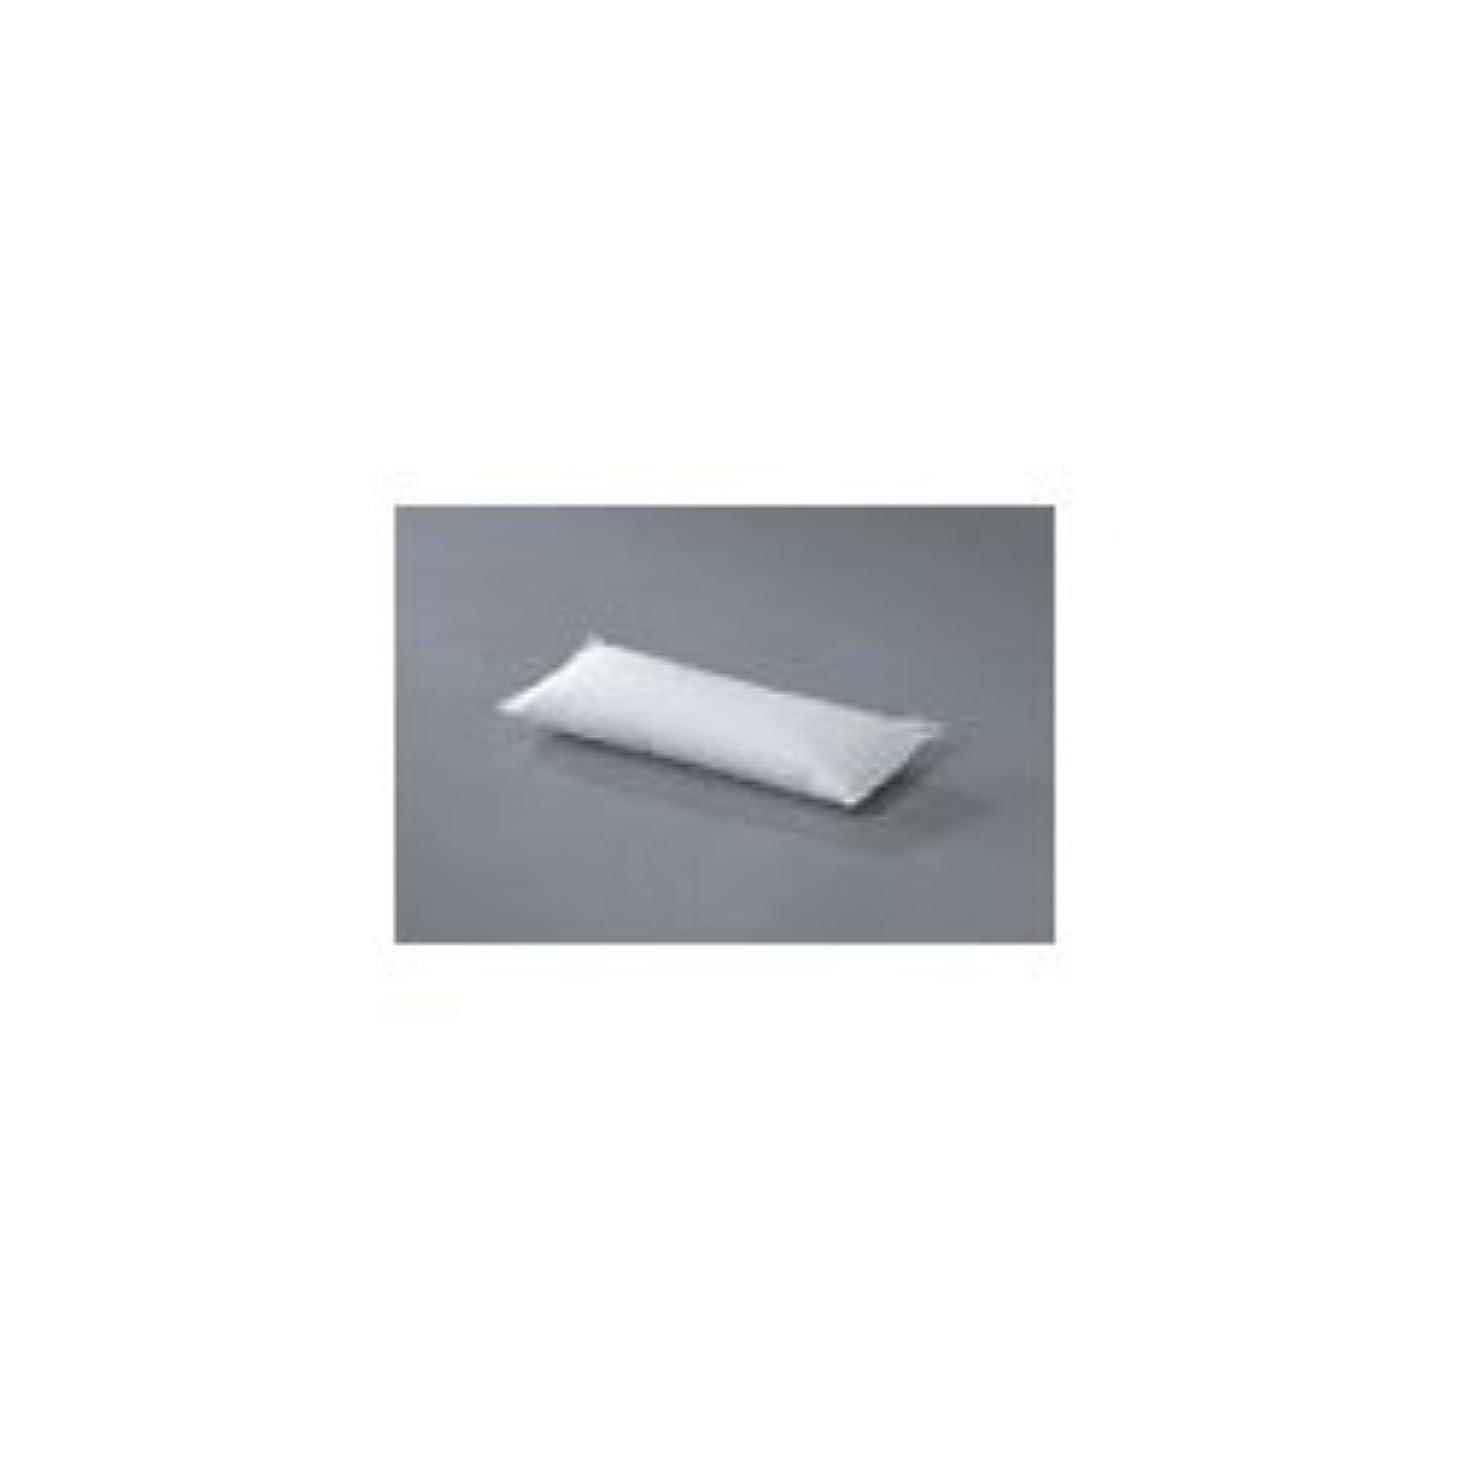 配置より人口ジャノメ 24時間風呂 クリーンバスユニット専用電解促進剤 CLパック 7袋 (クリーンパック)